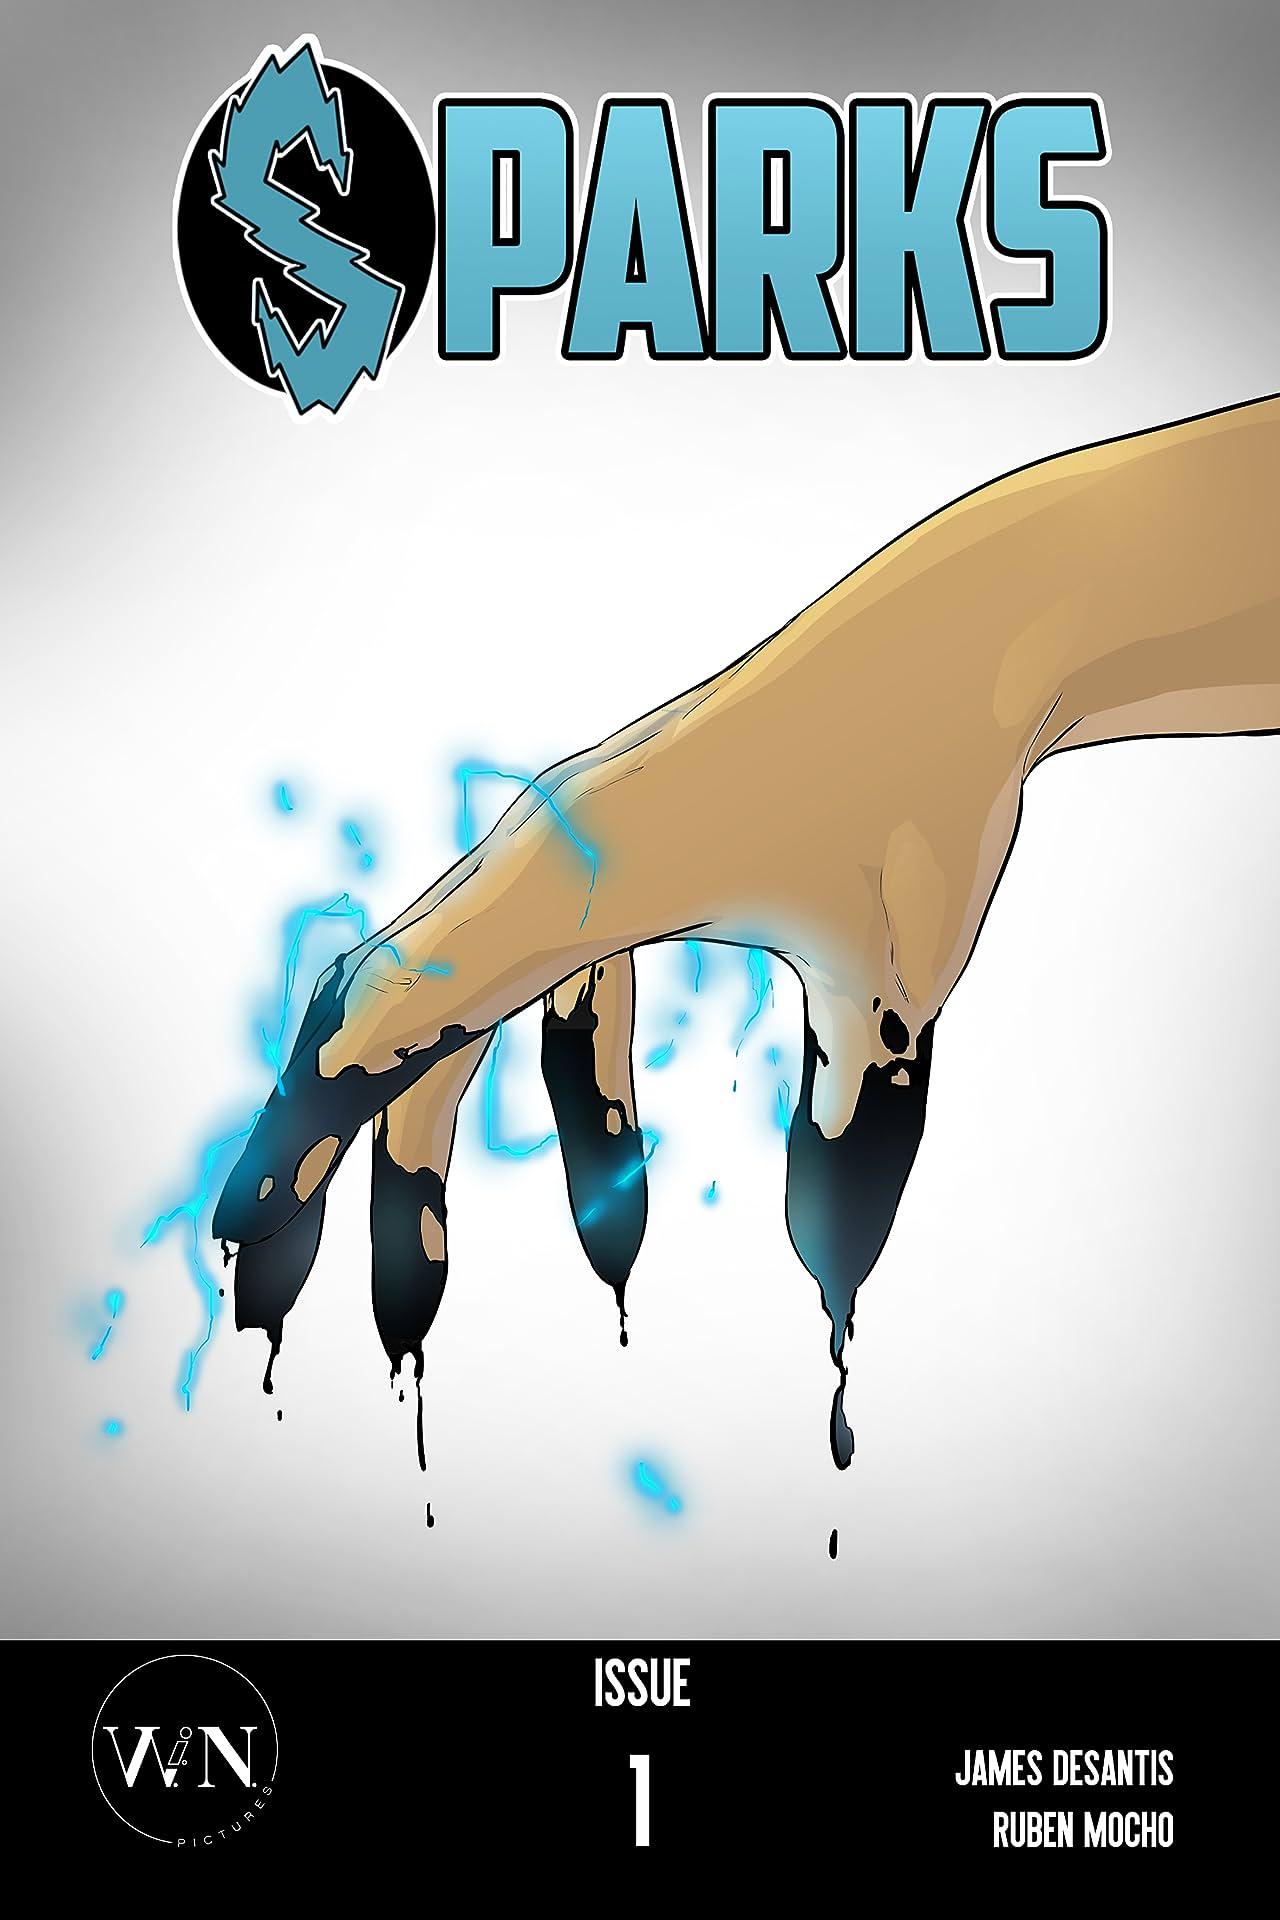 Sparks #1